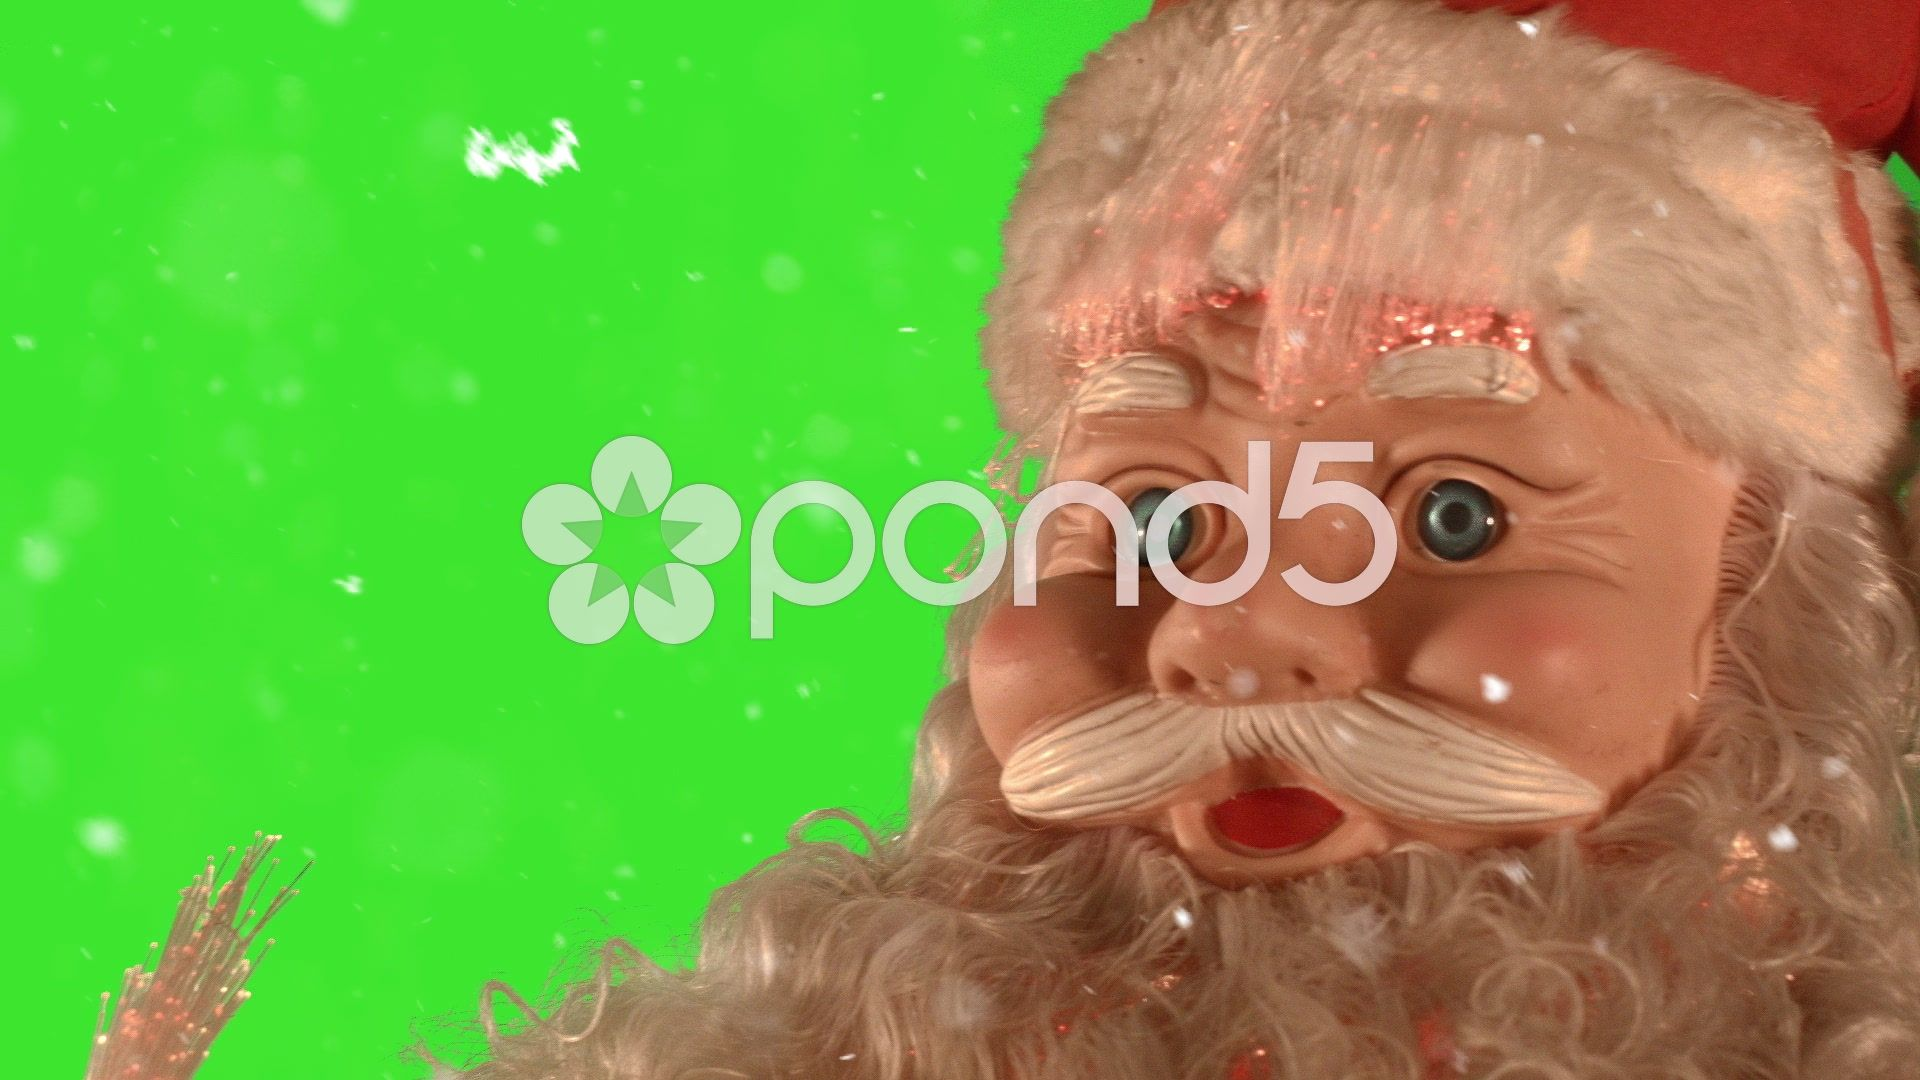 Ufo Sightings Christmas 2020 Green screen Christmas postcards Stock Footage #AD ,#Christmas